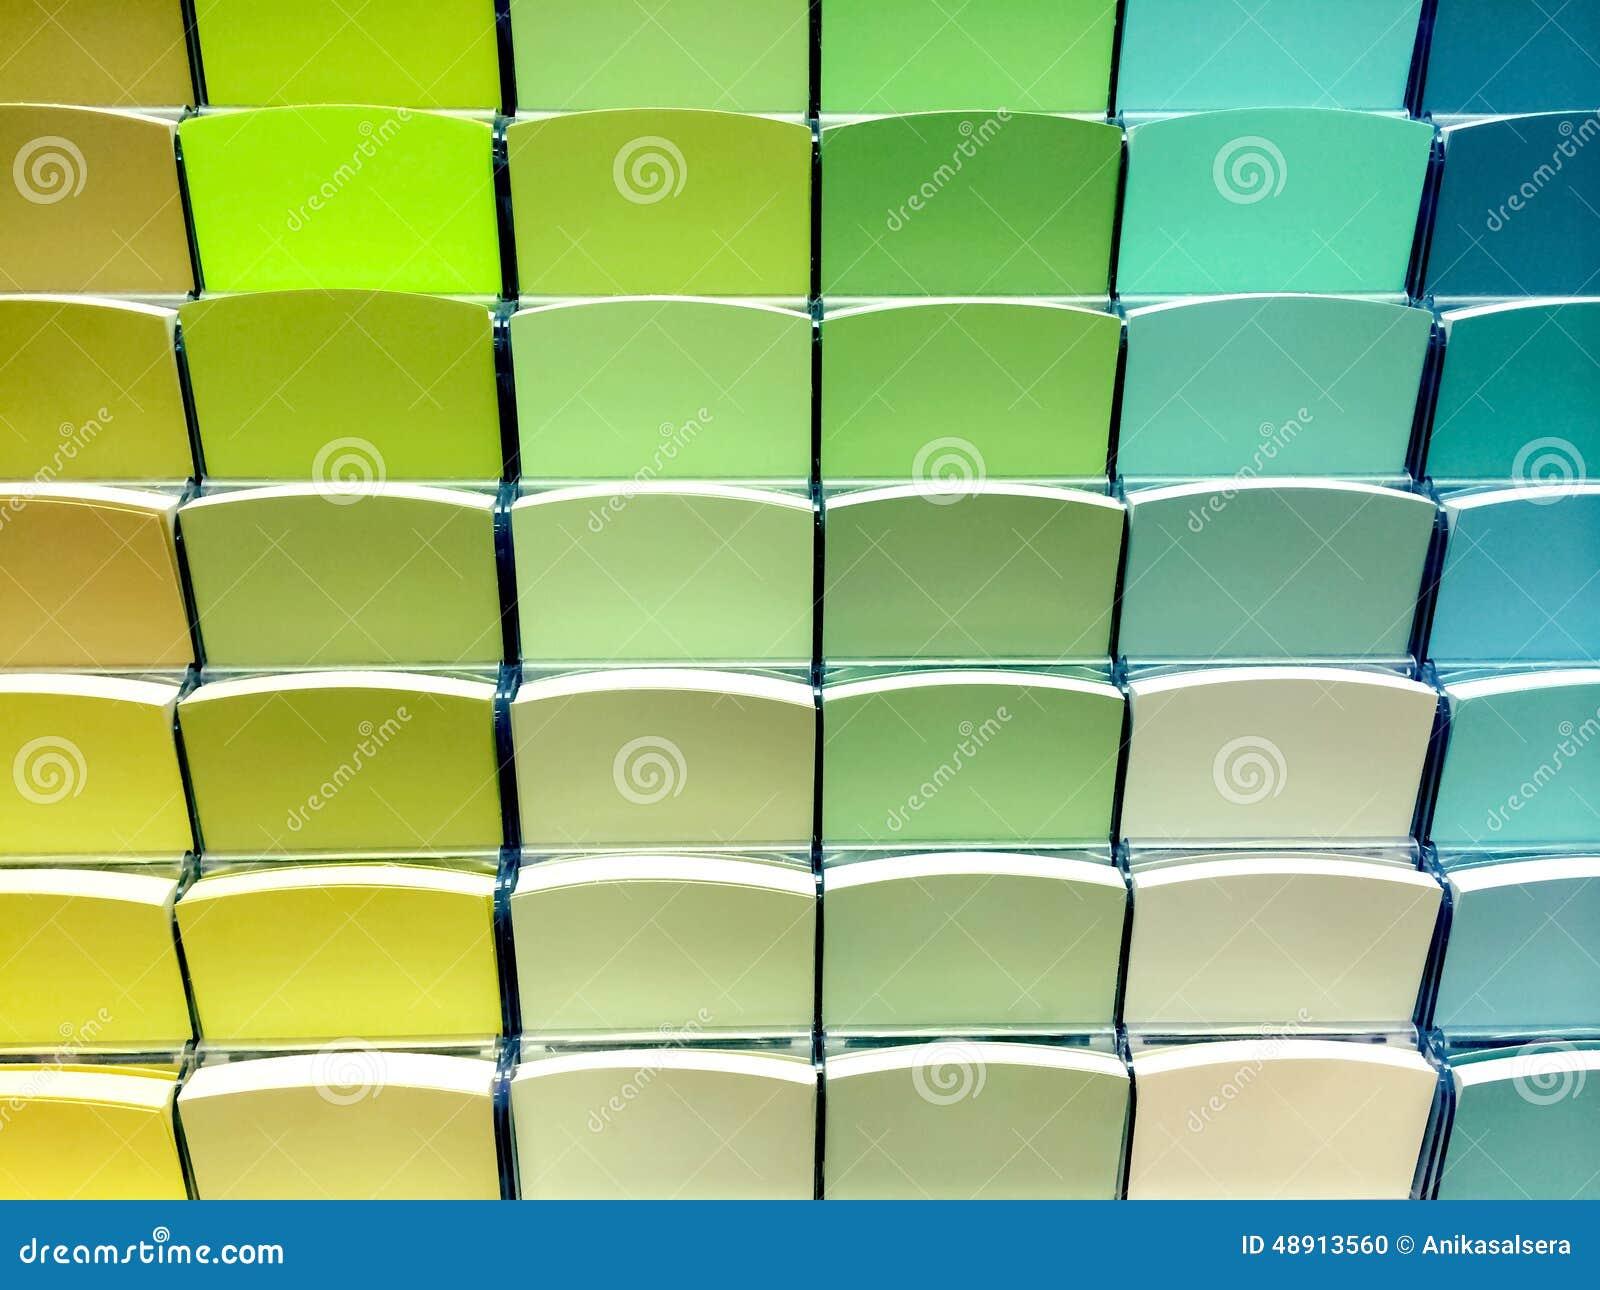 chantillons de couleur verte dans un magasin photo stock image du m moire ramassage 48913560. Black Bedroom Furniture Sets. Home Design Ideas